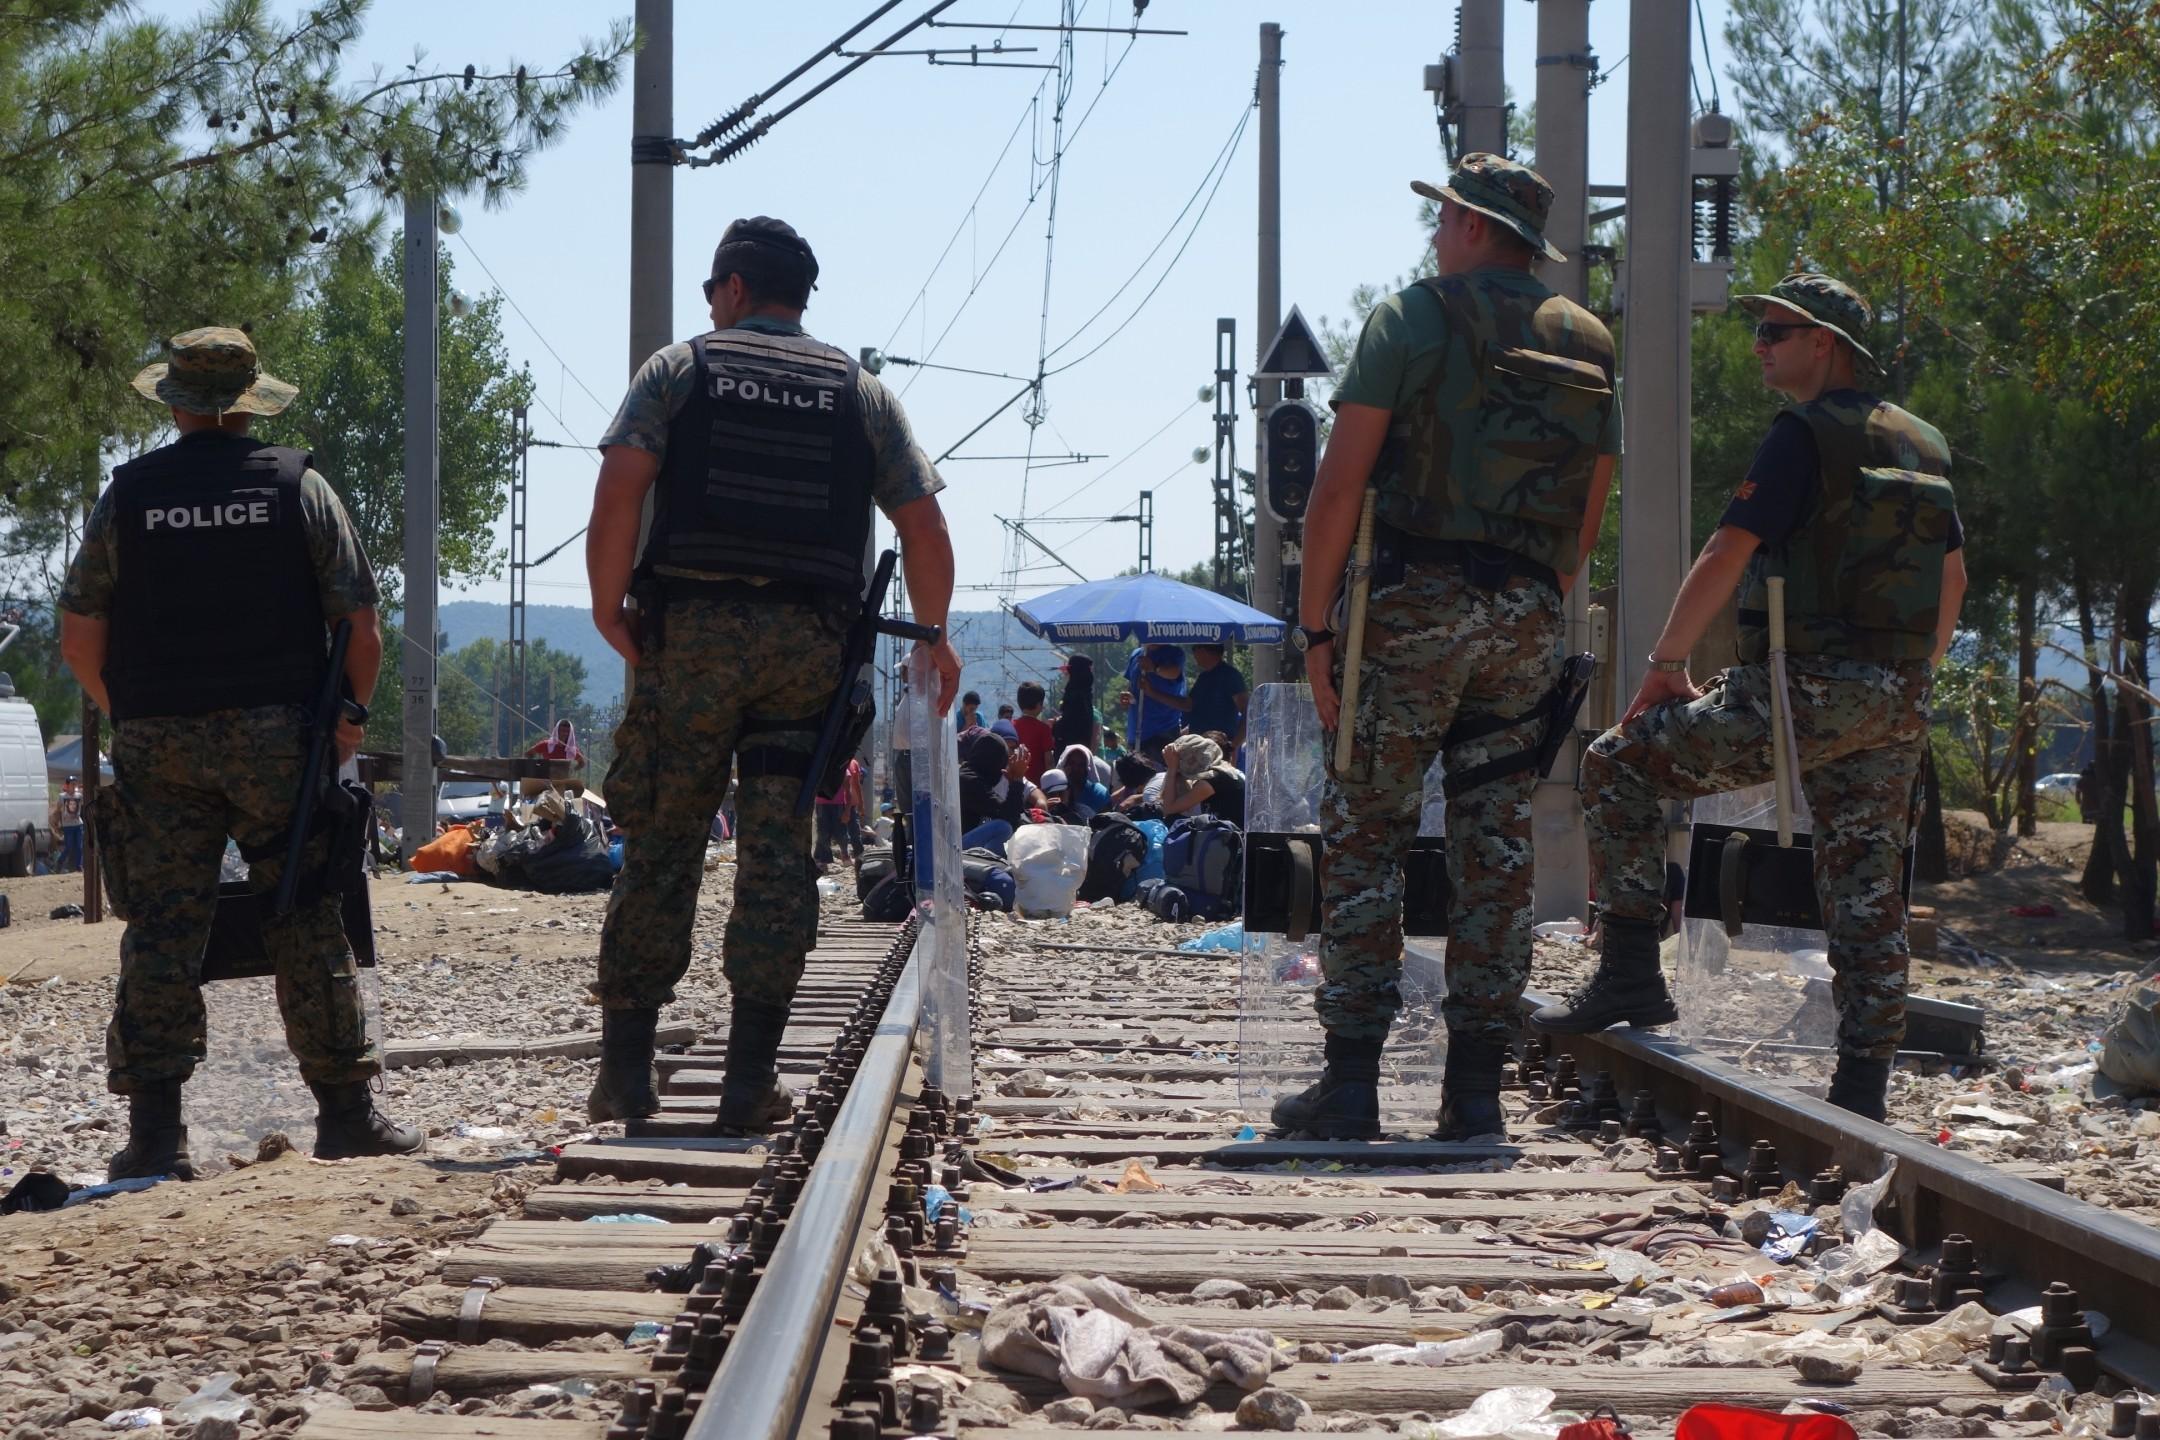 Grenspolitie bewaakt grensovergang tussen Griekenland en Macedonië, waar honderden migranten wachten tot ze door mogen reizen